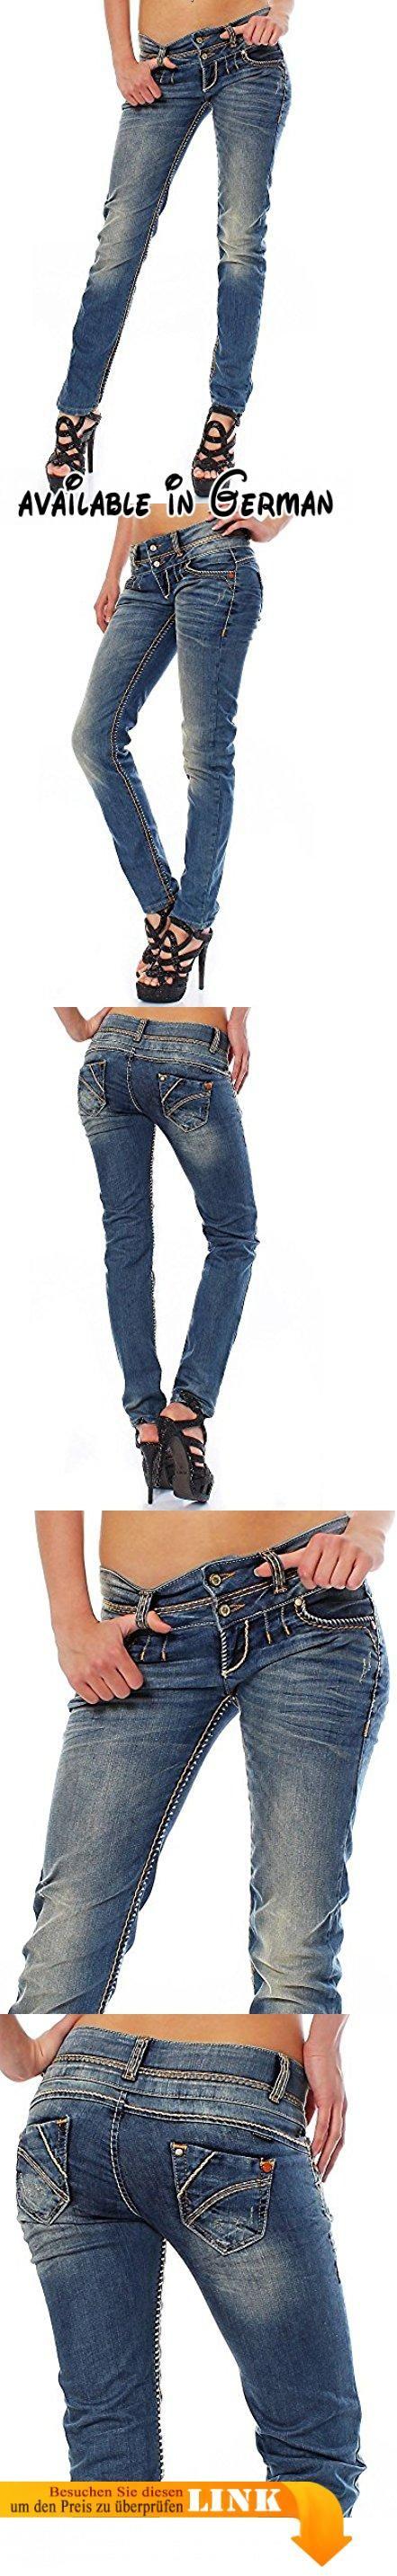 Cipo & Baxx Damen Jeans CBW-347 Slim-Fit 25/30.  #Apparel #PANTS